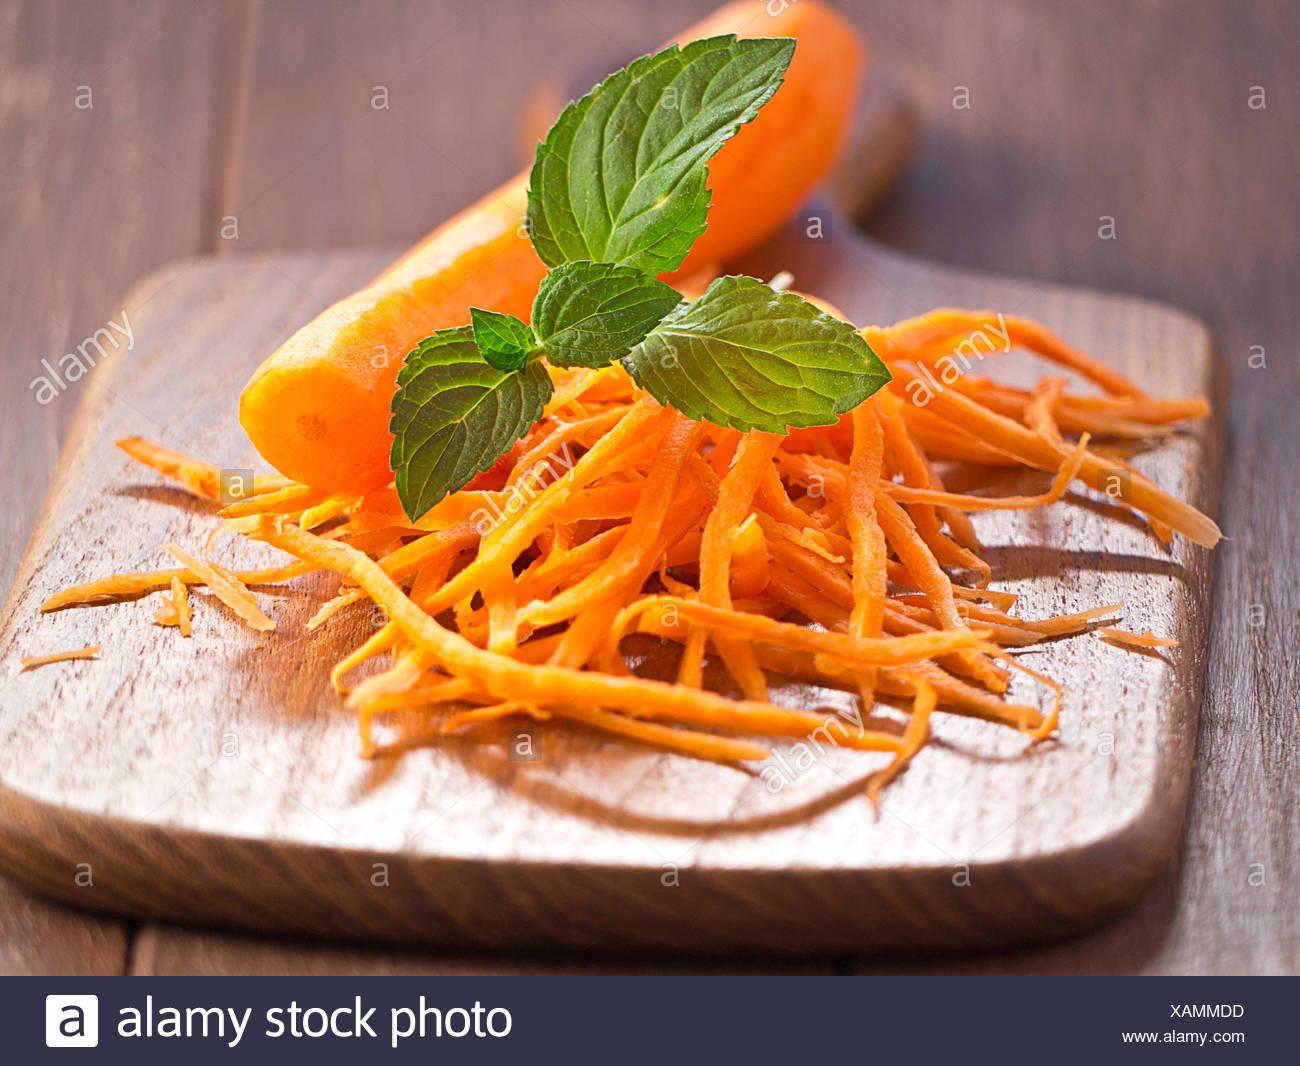 Las Zanahorias Juliana Con Una Zanahoria En Una Bandeja De Madera Fotografia De Stock Alamy La sopa juliana, es un producto de alimentación que se vende, normalmente, desecado, aunque se pueda preparar fresco, y que al cocerse, junto con fideos o sémola, o simplemente con agua, compone un recurso alimenticio de gran valor nutritivo. https www alamy es las zanahorias juliana con una zanahoria en una bandeja de madera image281967545 html